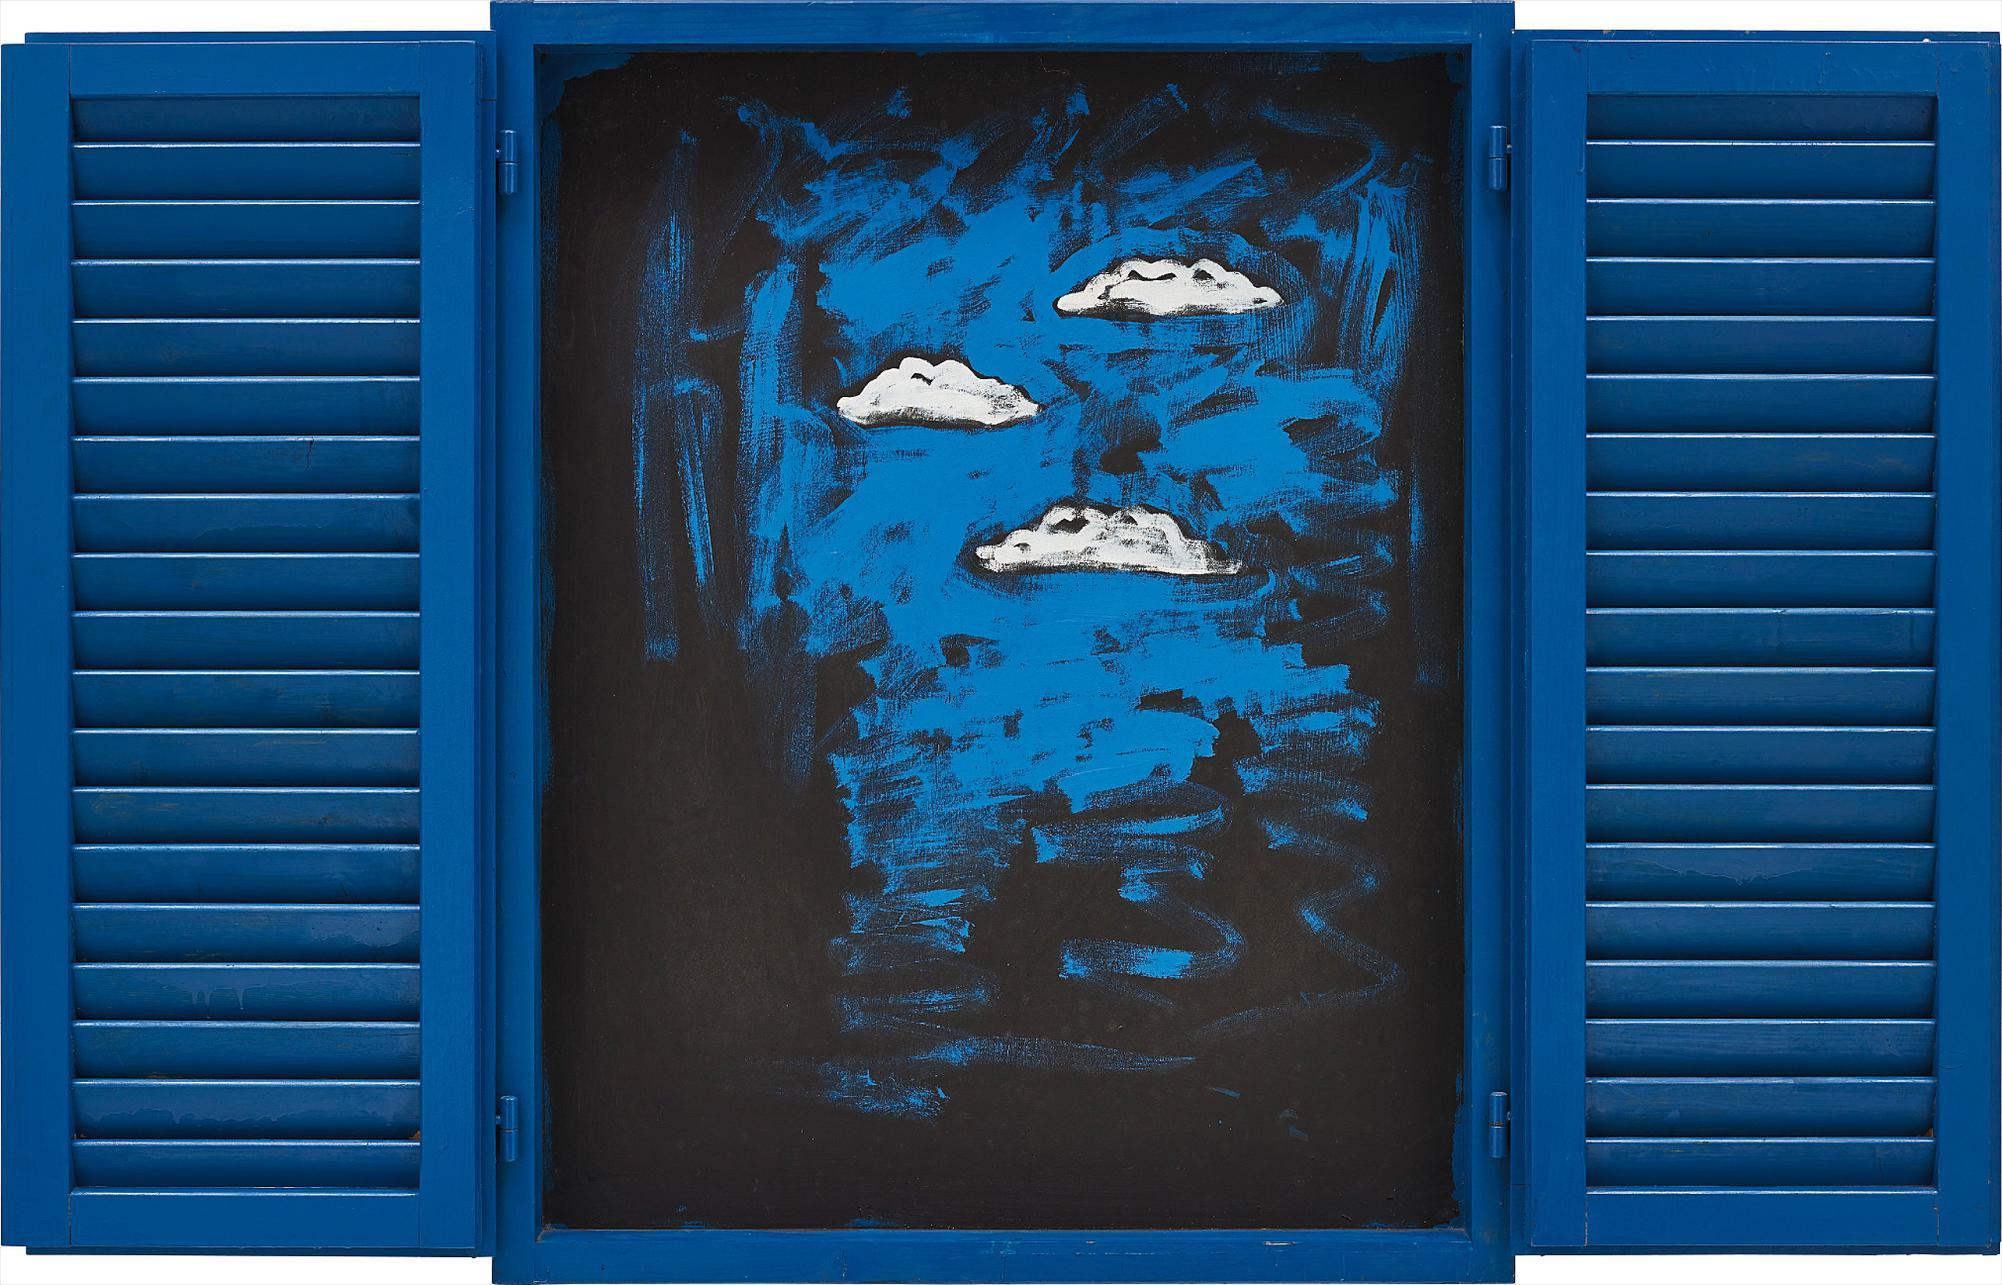 Tano Festa-Finestra (Window)-1985